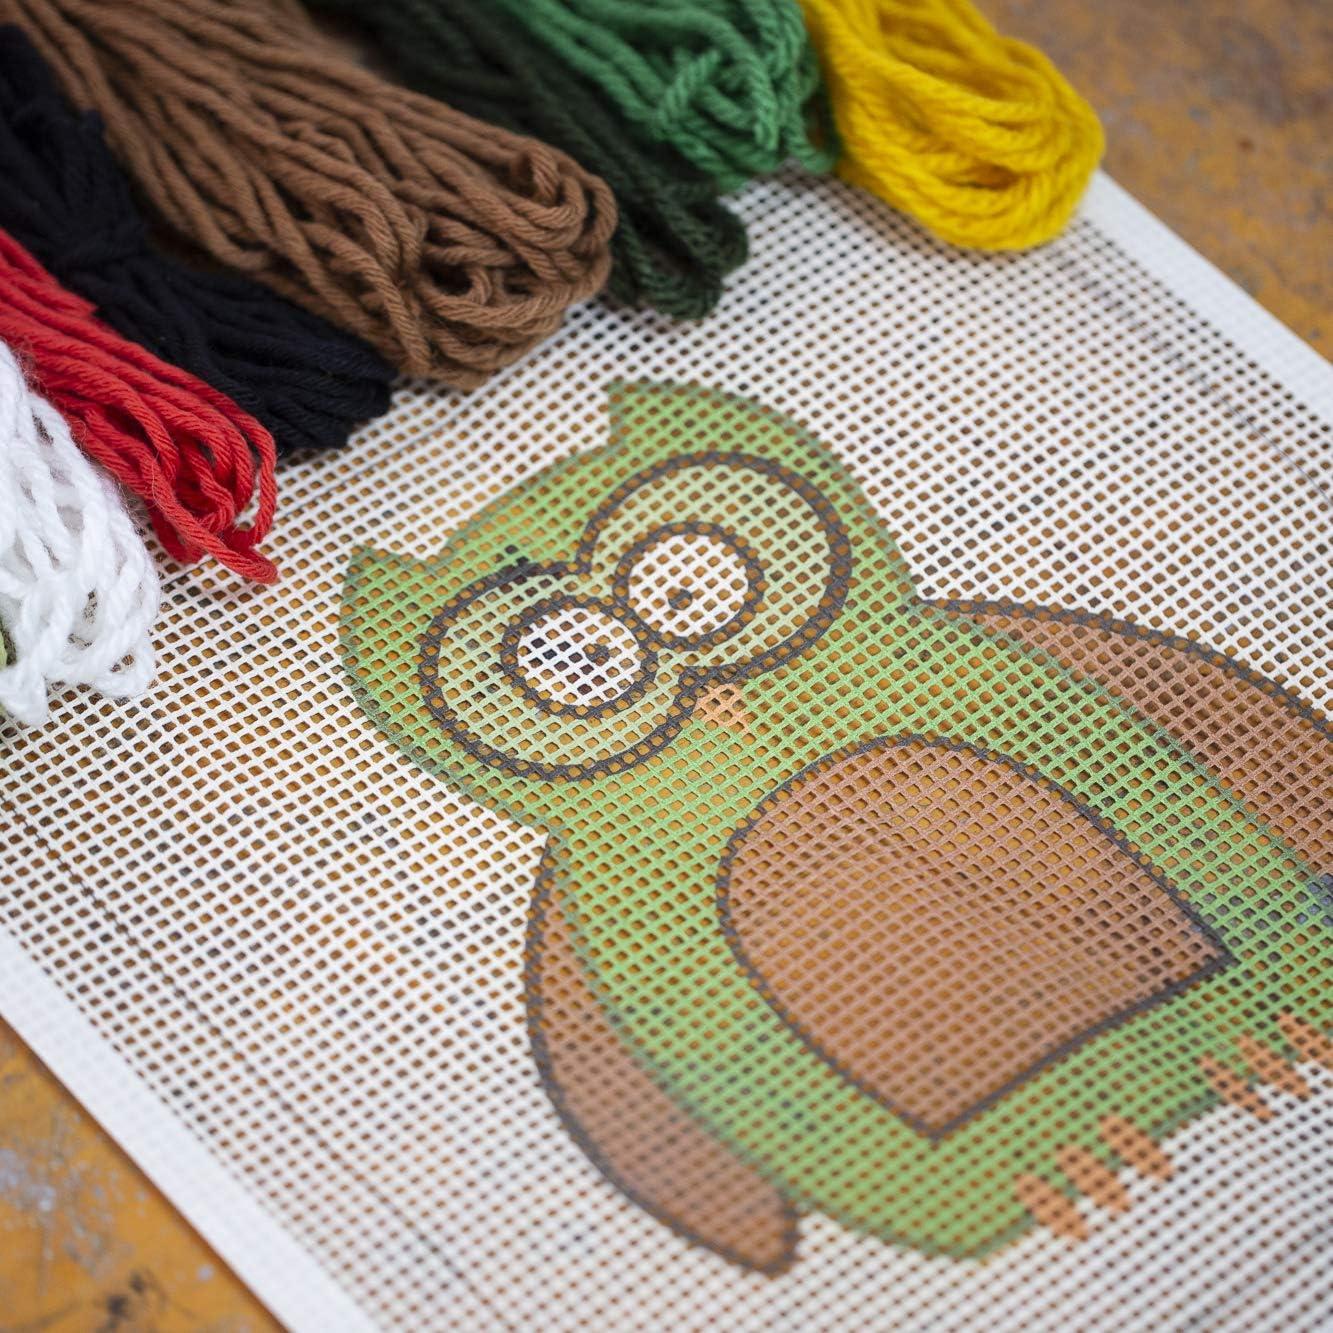 Buho Incluye lana y aguja de tapicer/ía Kit de bordado en punto de cruz o medio punto Ca/ñamazo impreso 30 cm x 30 cm Punto de Cruz para ni/ños de Delicatela